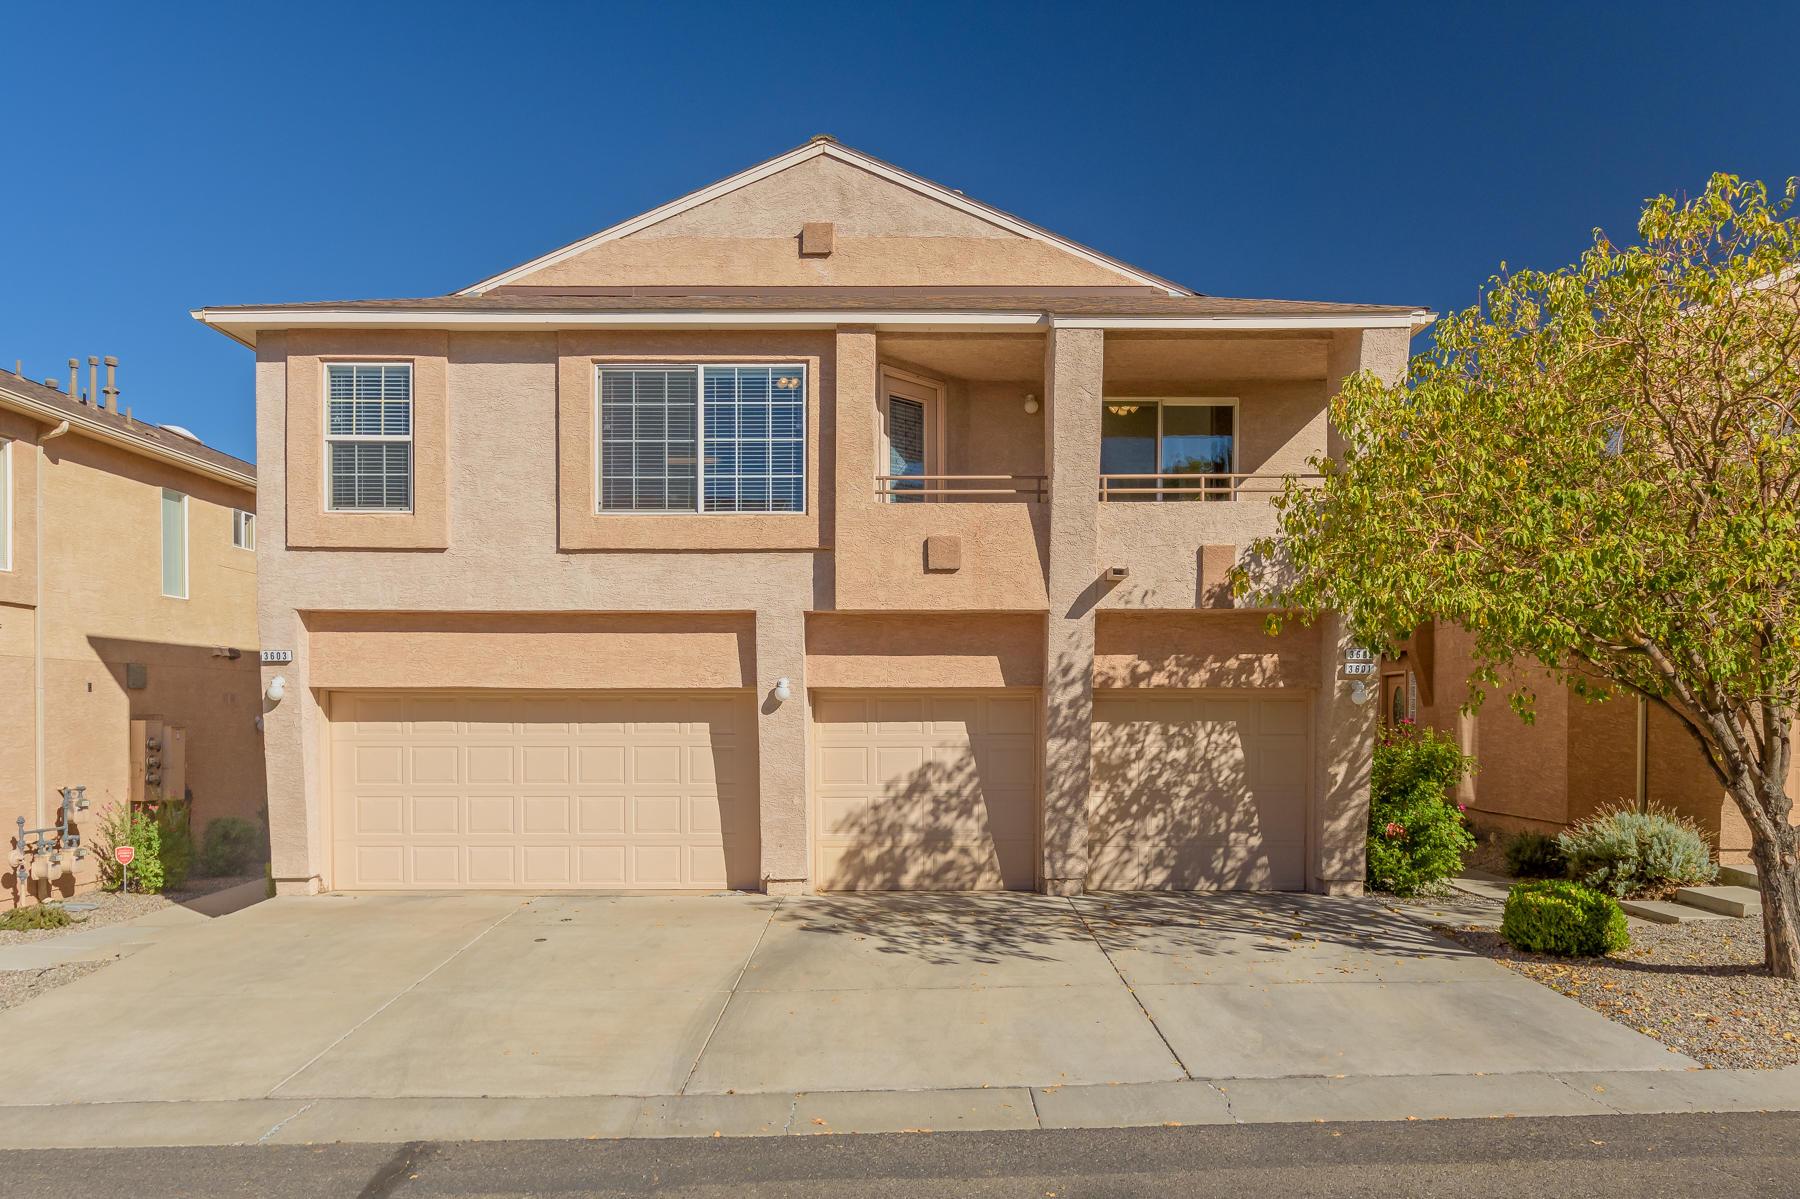 6501 SAN ANTONIO Drive Unit 3601, Albuquerque NM 87109